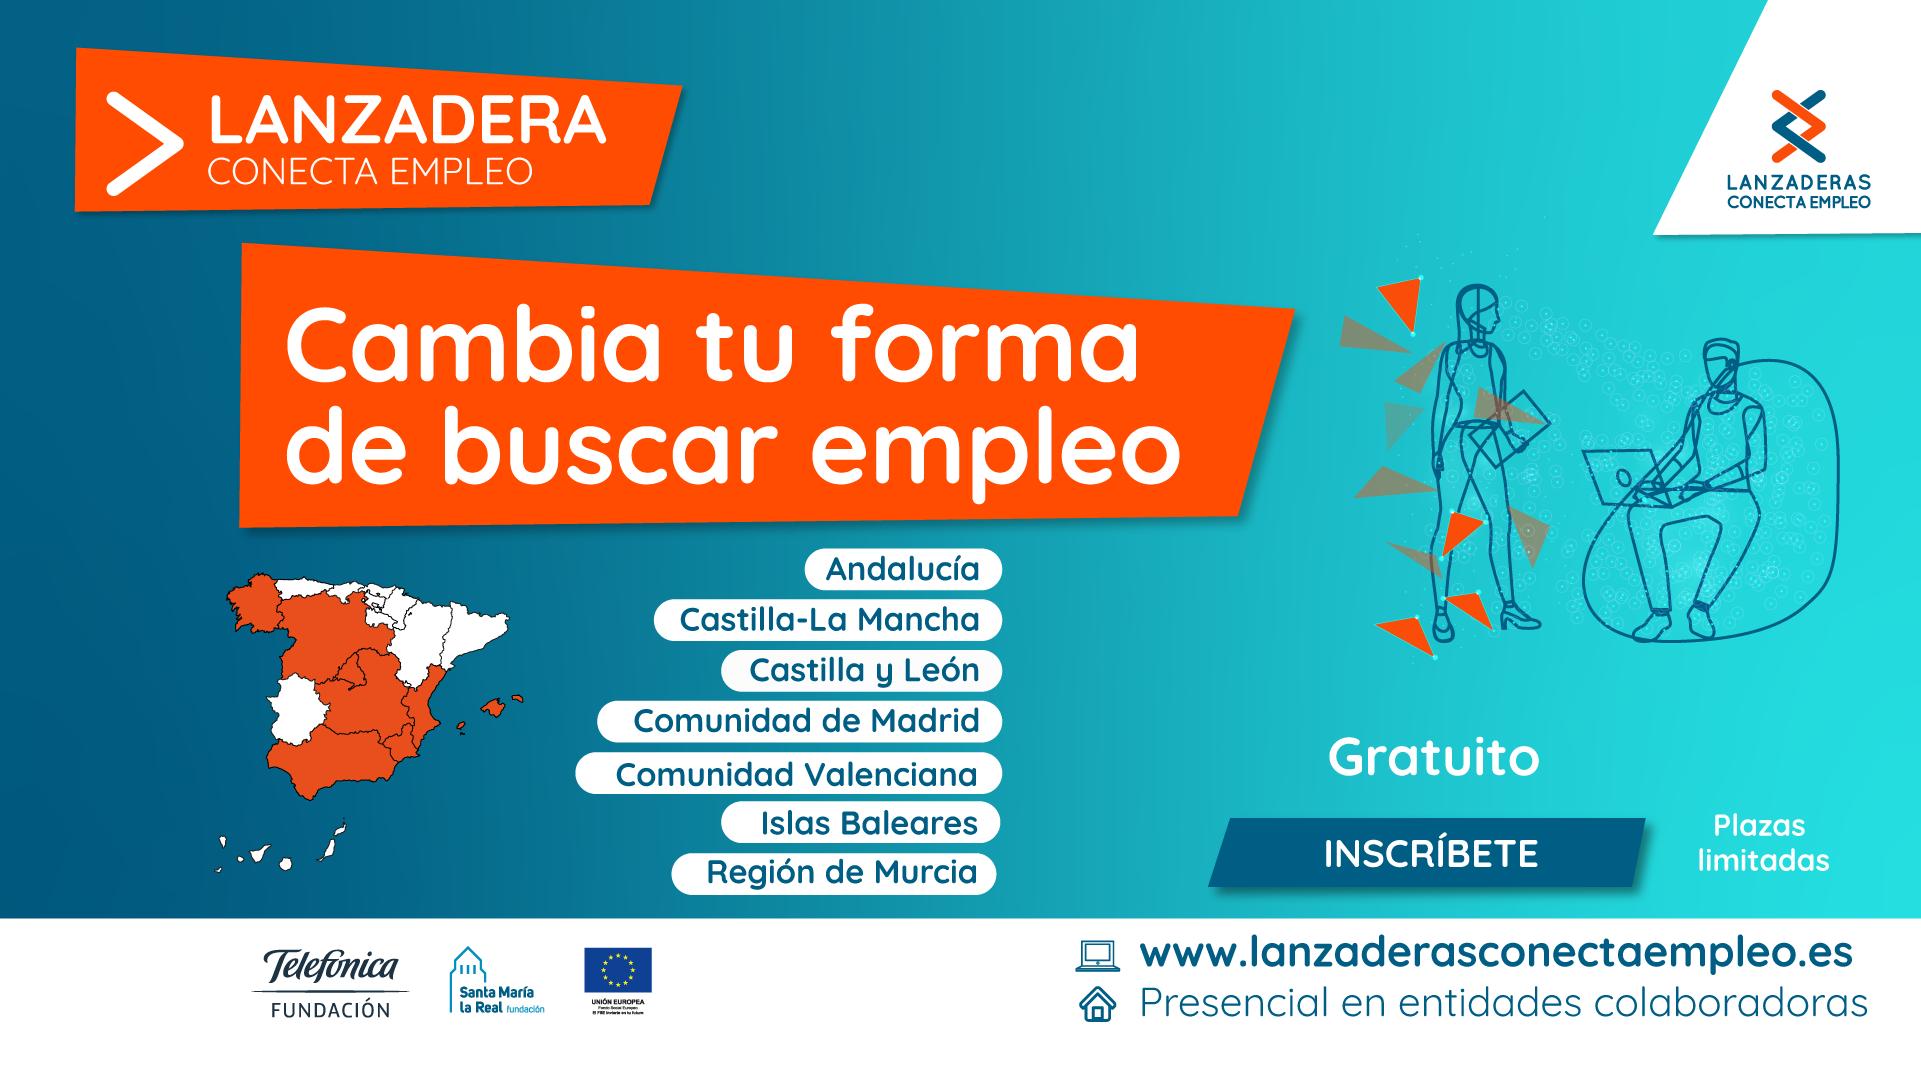 Abierta la inscripción para 16 nuevas Lanzaderas  Conecta Empleo que iniciarán en marzo